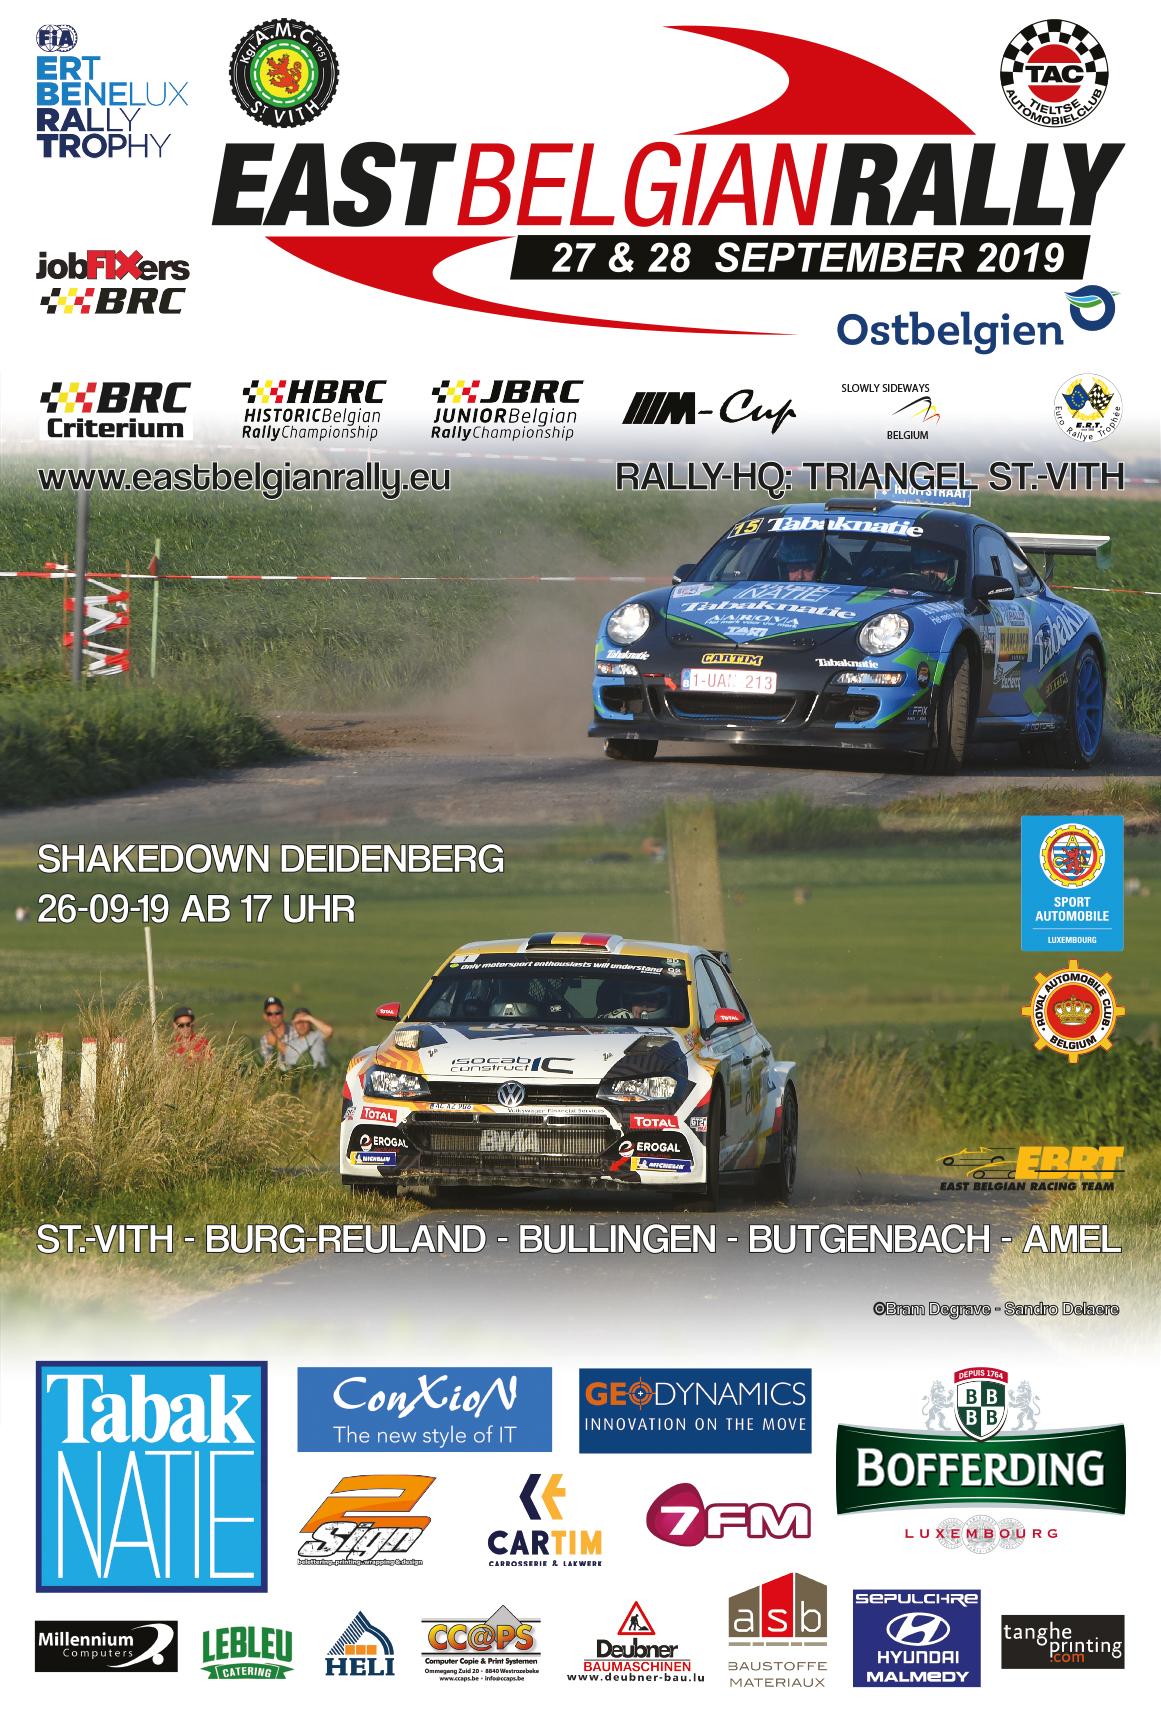 Nacionales de Rallyes Europeos(y no europeos) 2019: Información y novedades - Página 13 Affiche_EBR_19_klein_formaat_3